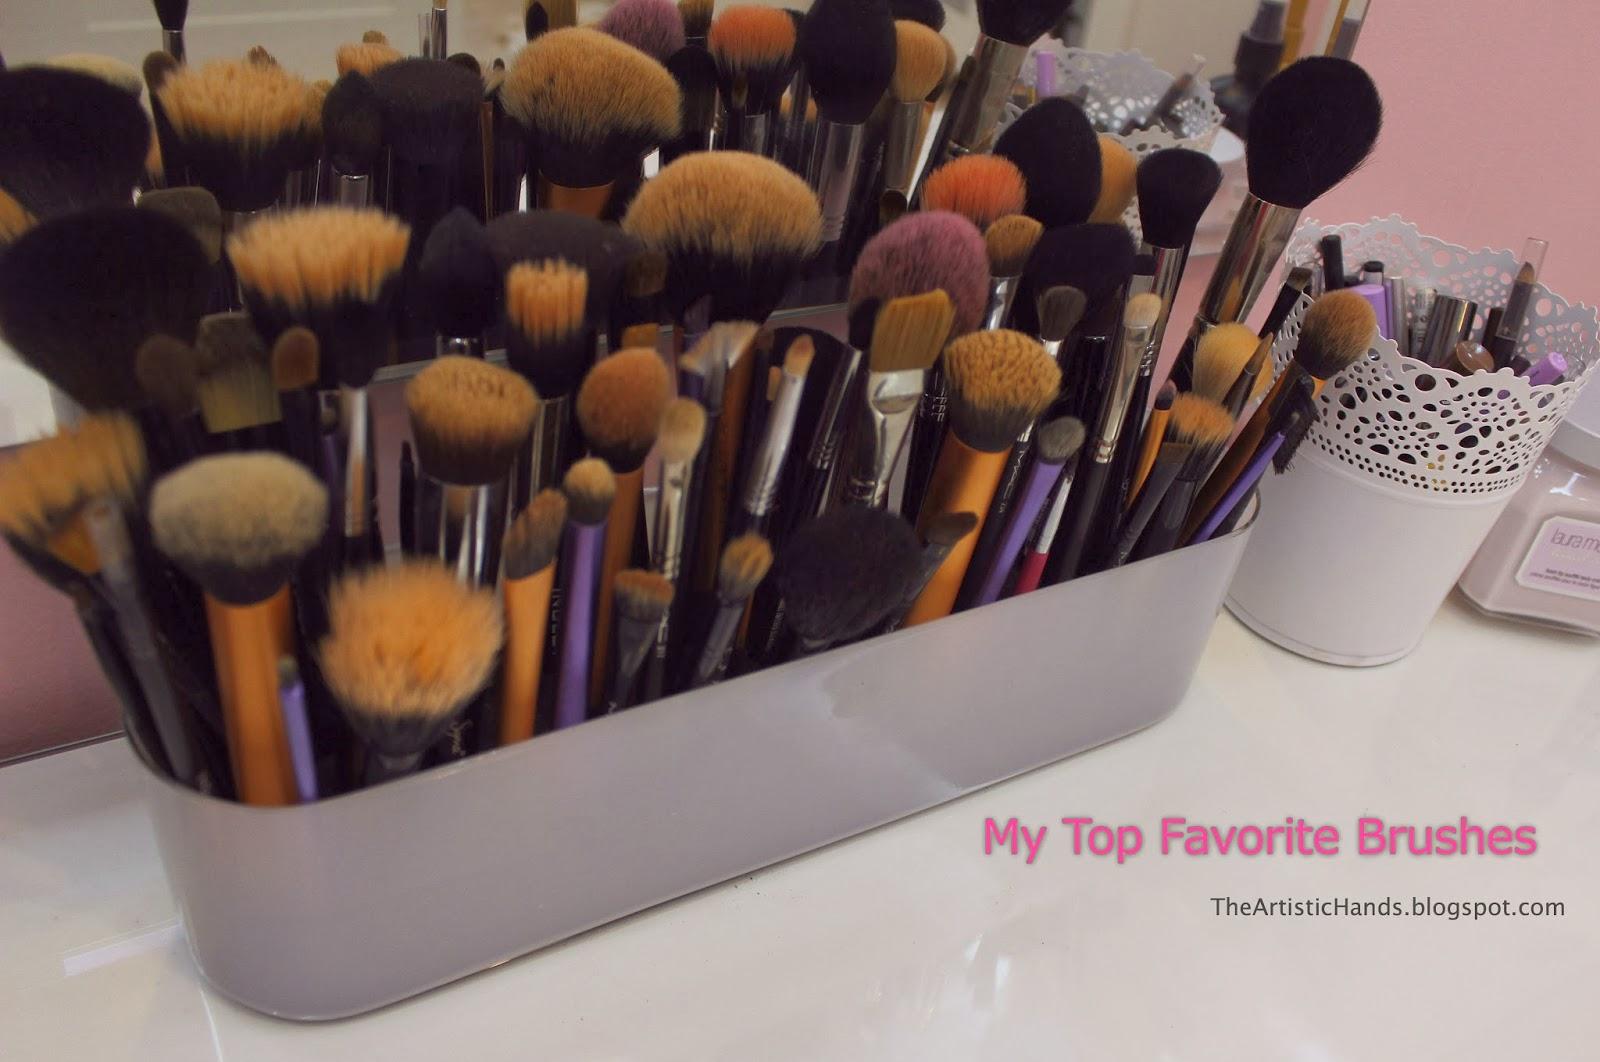 ca676112173af My Top Favorite Makeup Brushes فرش المكياج المفضلة عندي